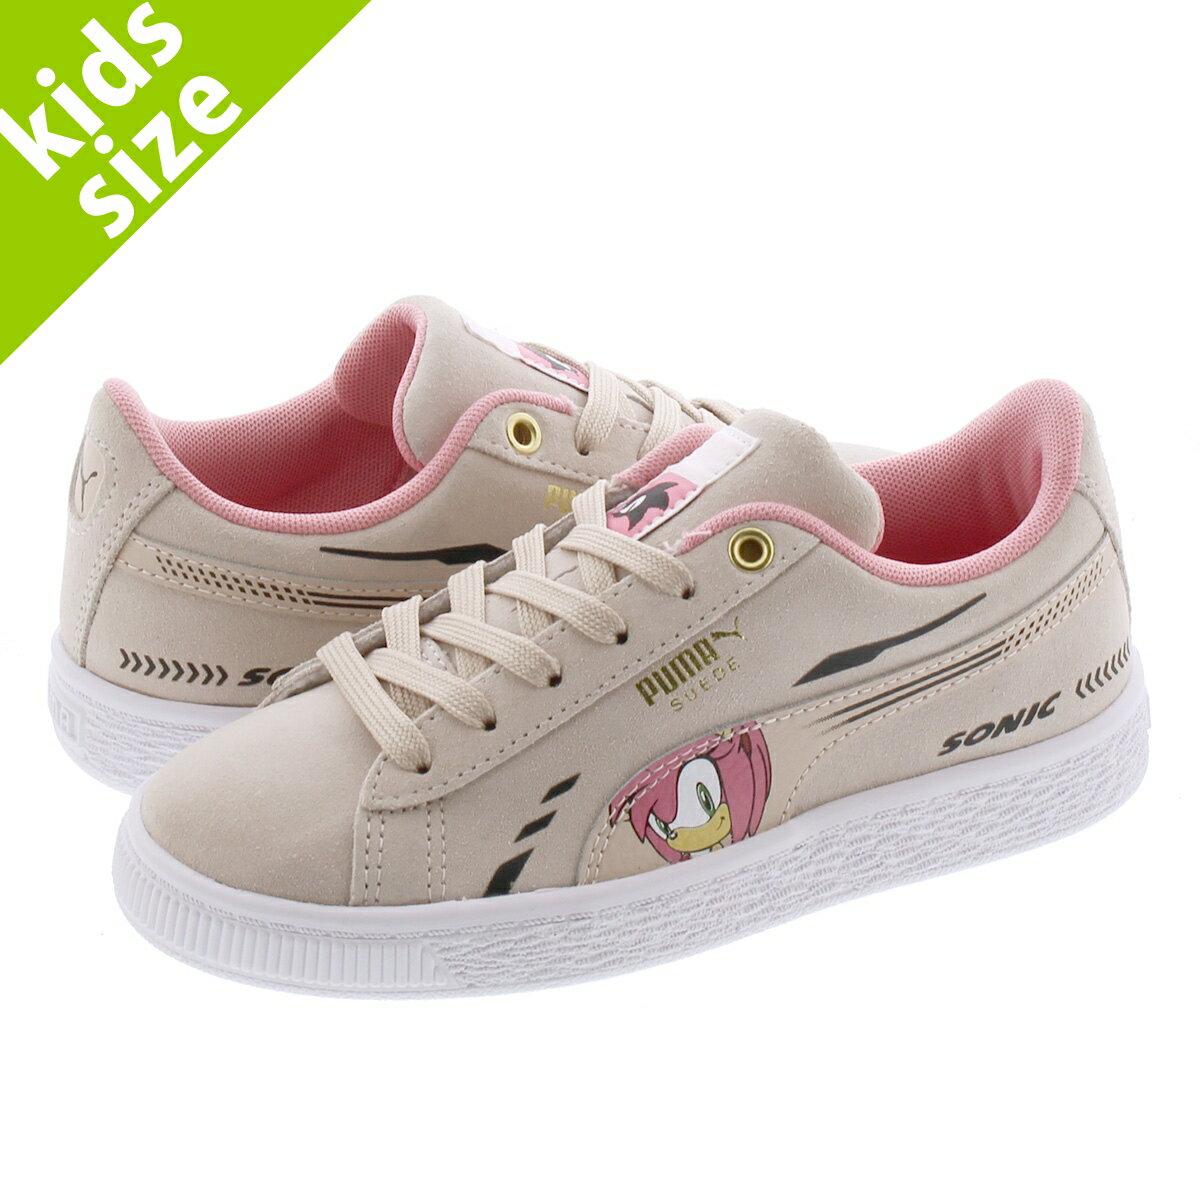 靴, スニーカー  17.021.0cmPUMA x SEGA SUEDE SONIC PS x PS ROSEWATER 371998-02